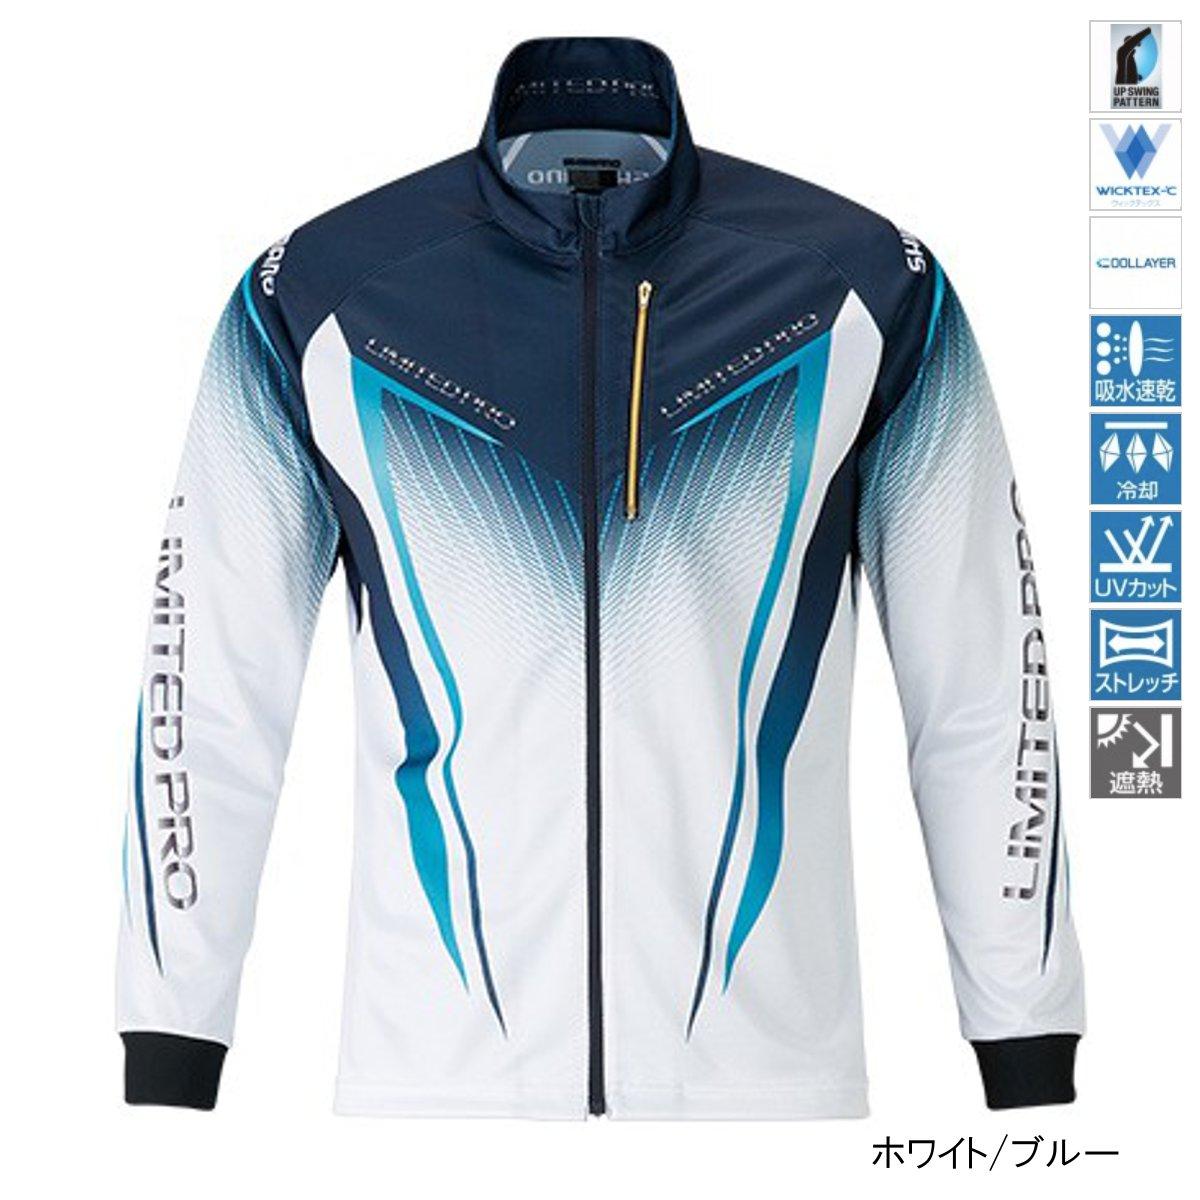 シマノ フルジップシャツLIMITED PRO(長袖) SH-011S M ホワイト/ブルー【送料無料】